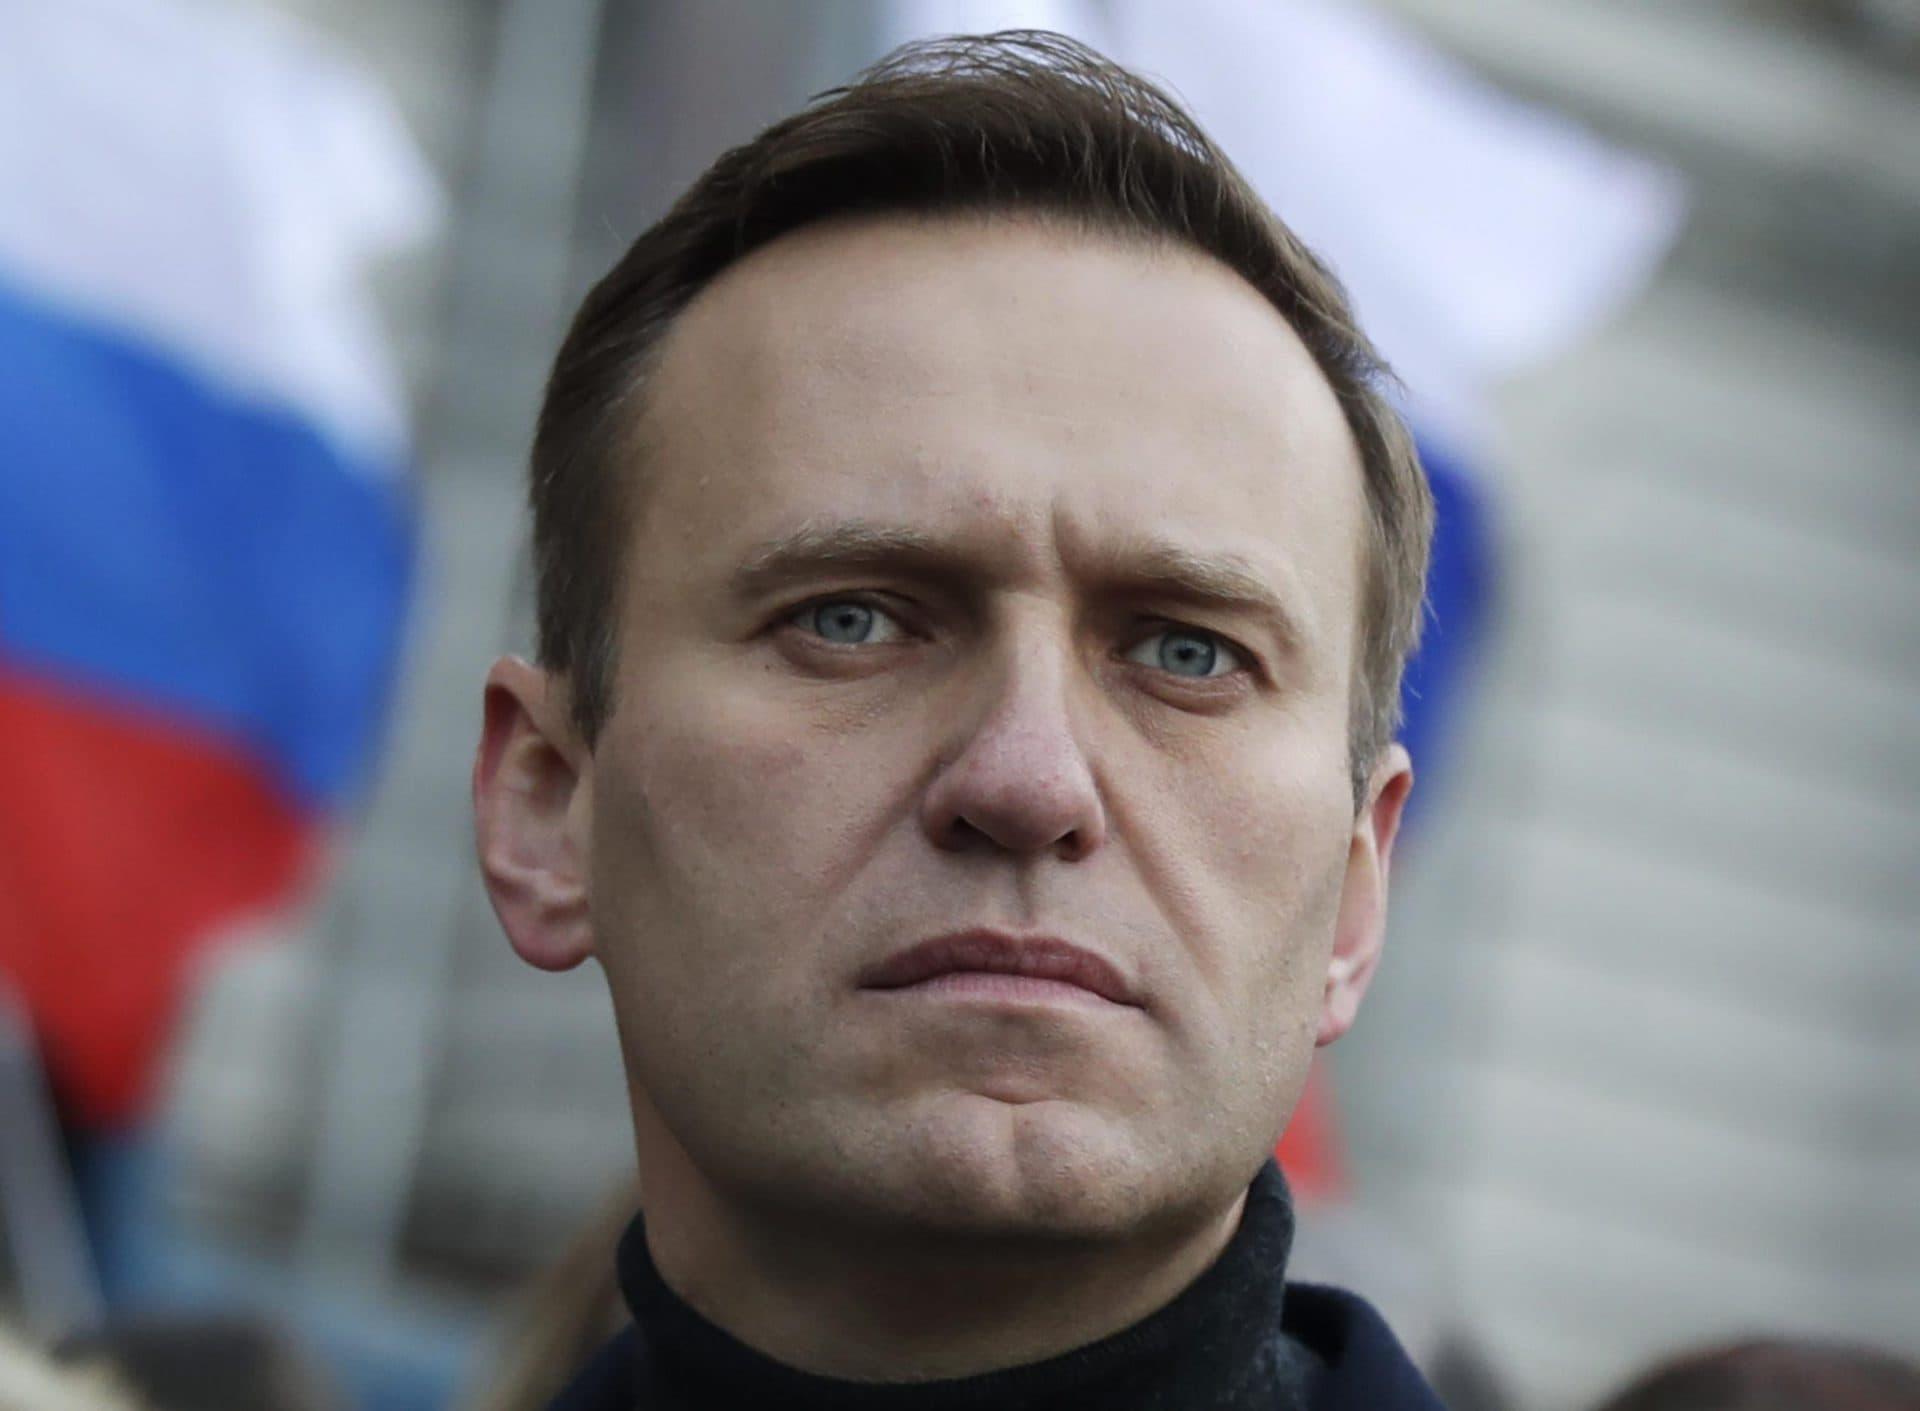 Kremlgegner Nawalny: Kehre am Sonntag nach Moskau zurück Nach Vergiftung mit Nervengift